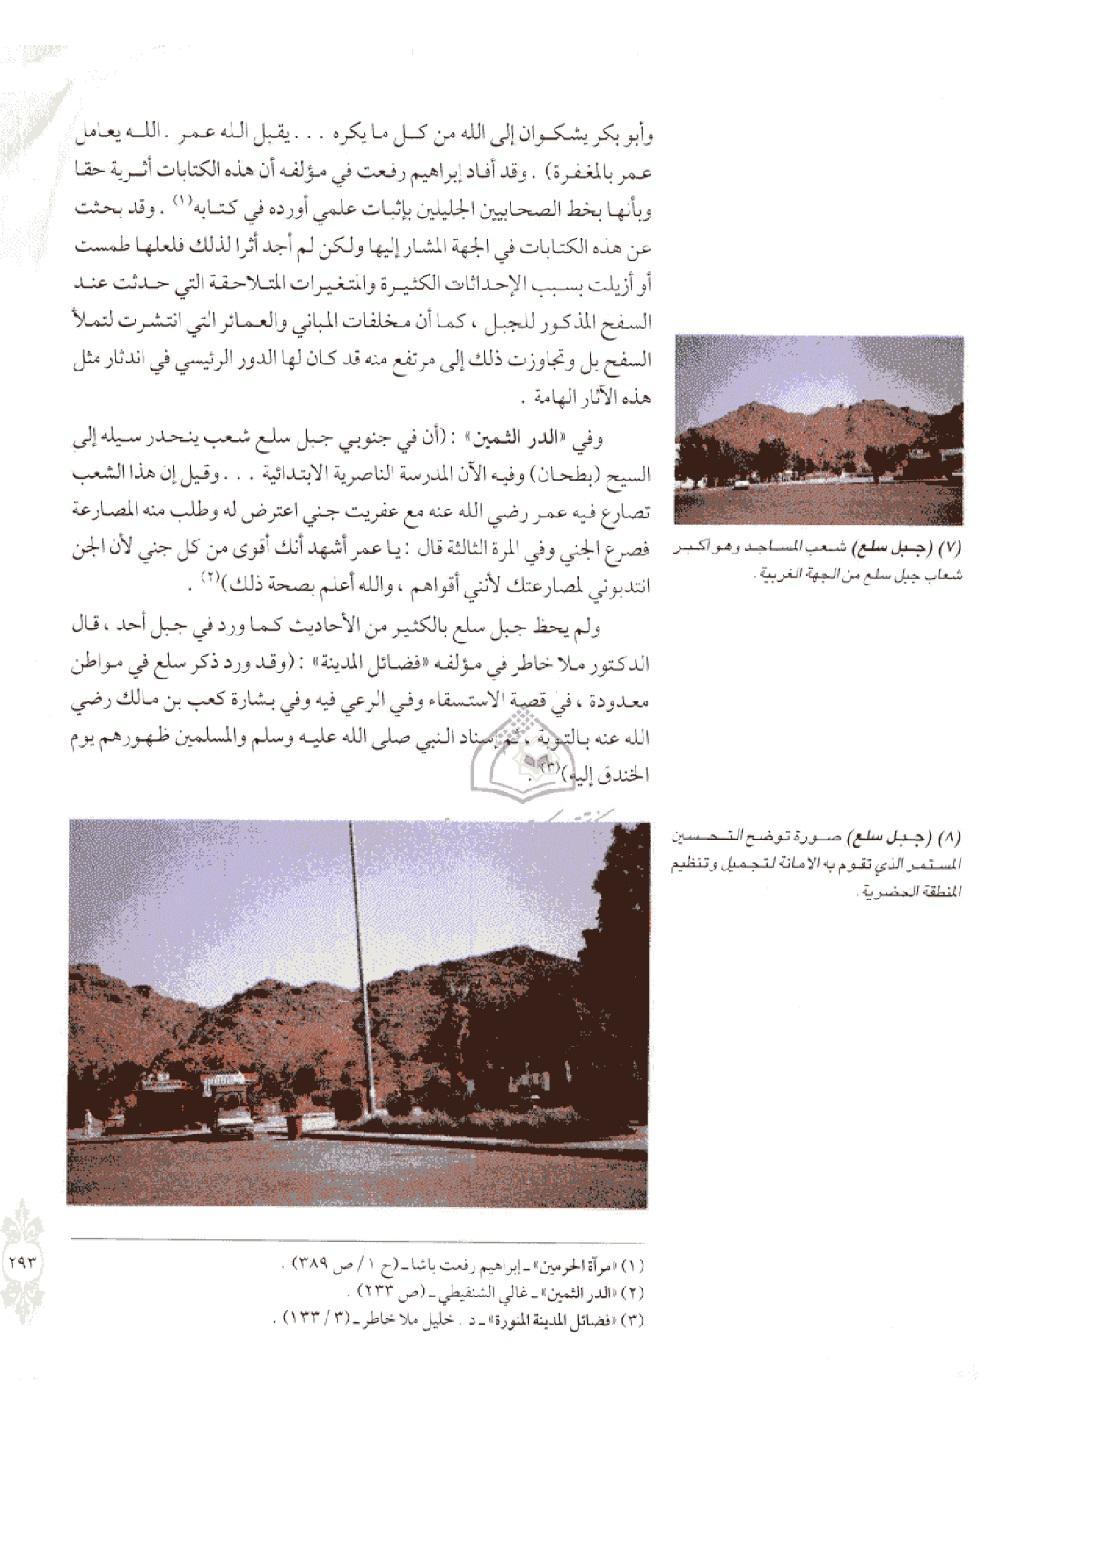 مسجد قبيلة جهينة في المدينة المنورة في خطر 124568862